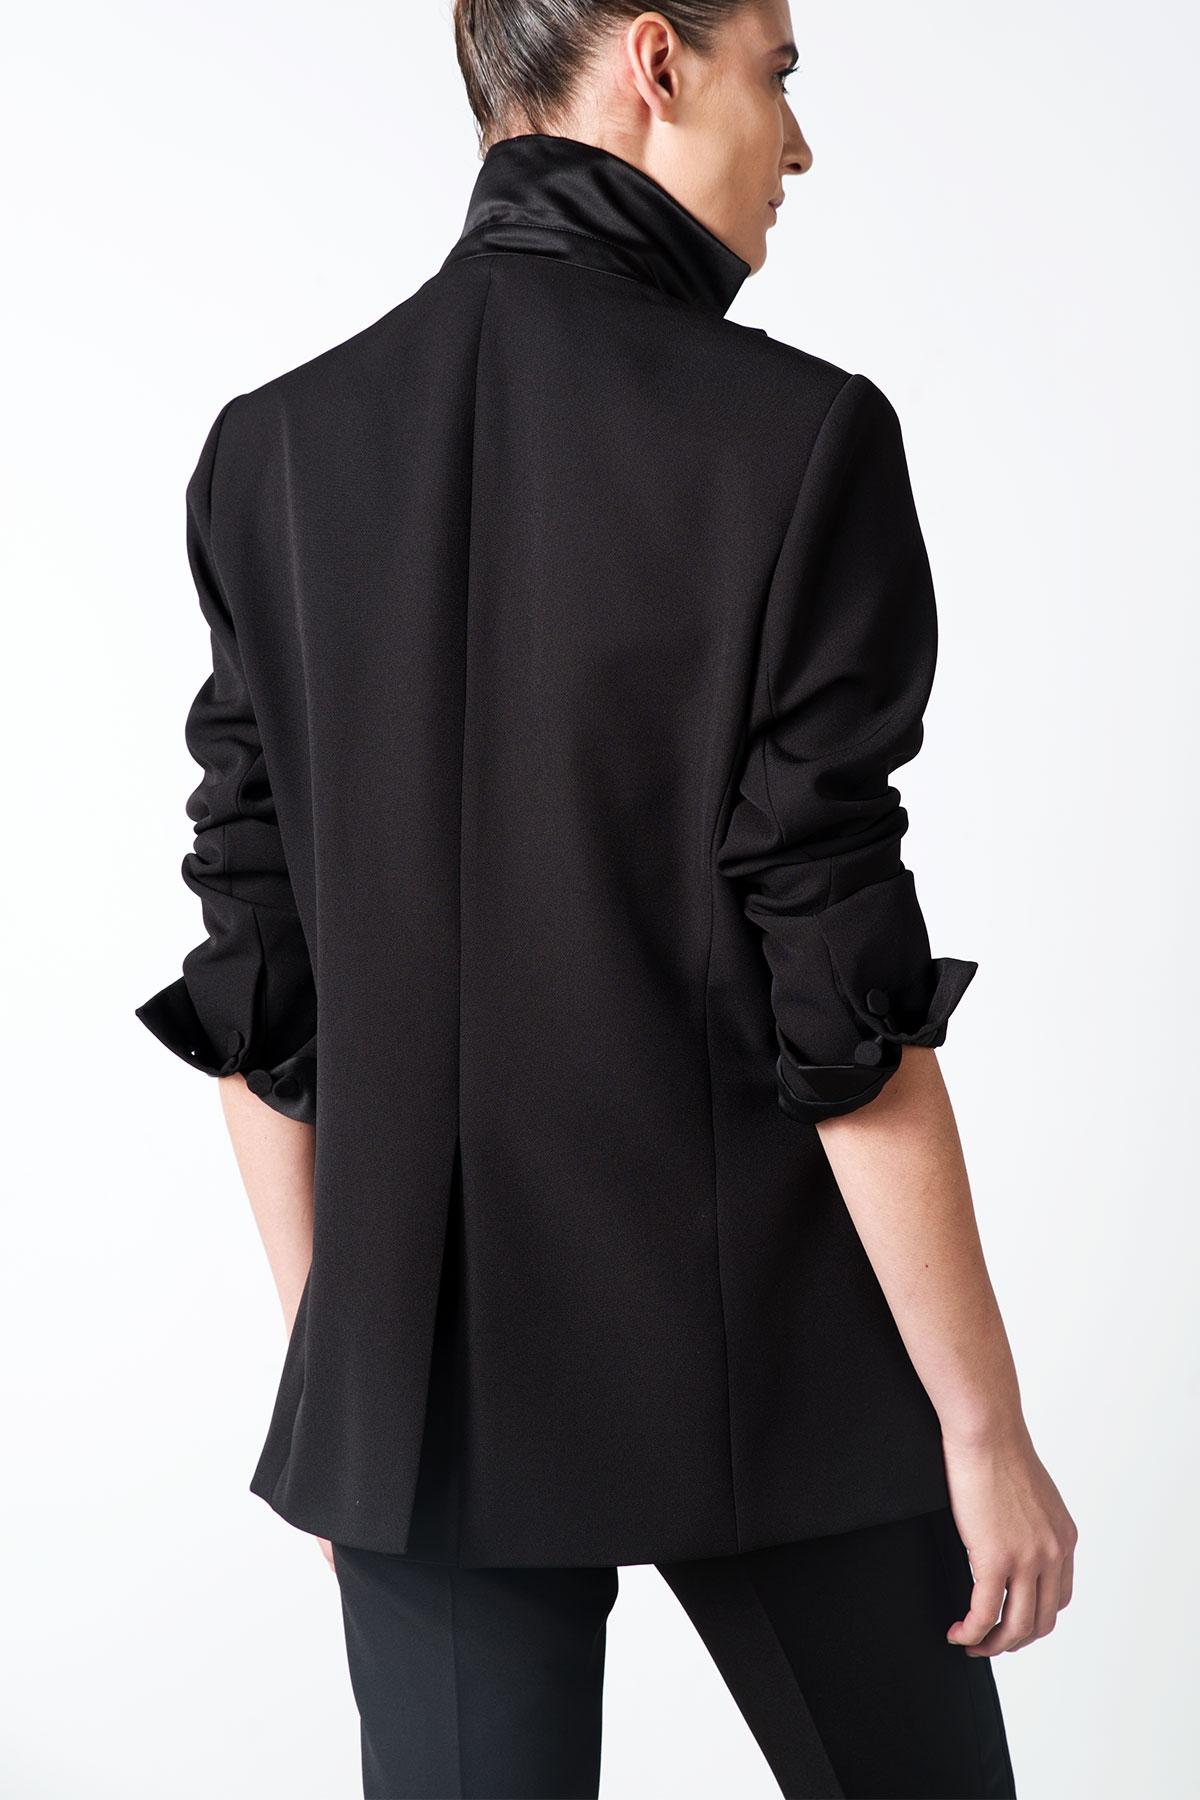 black over sized blazer with satin details styland. Black Bedroom Furniture Sets. Home Design Ideas